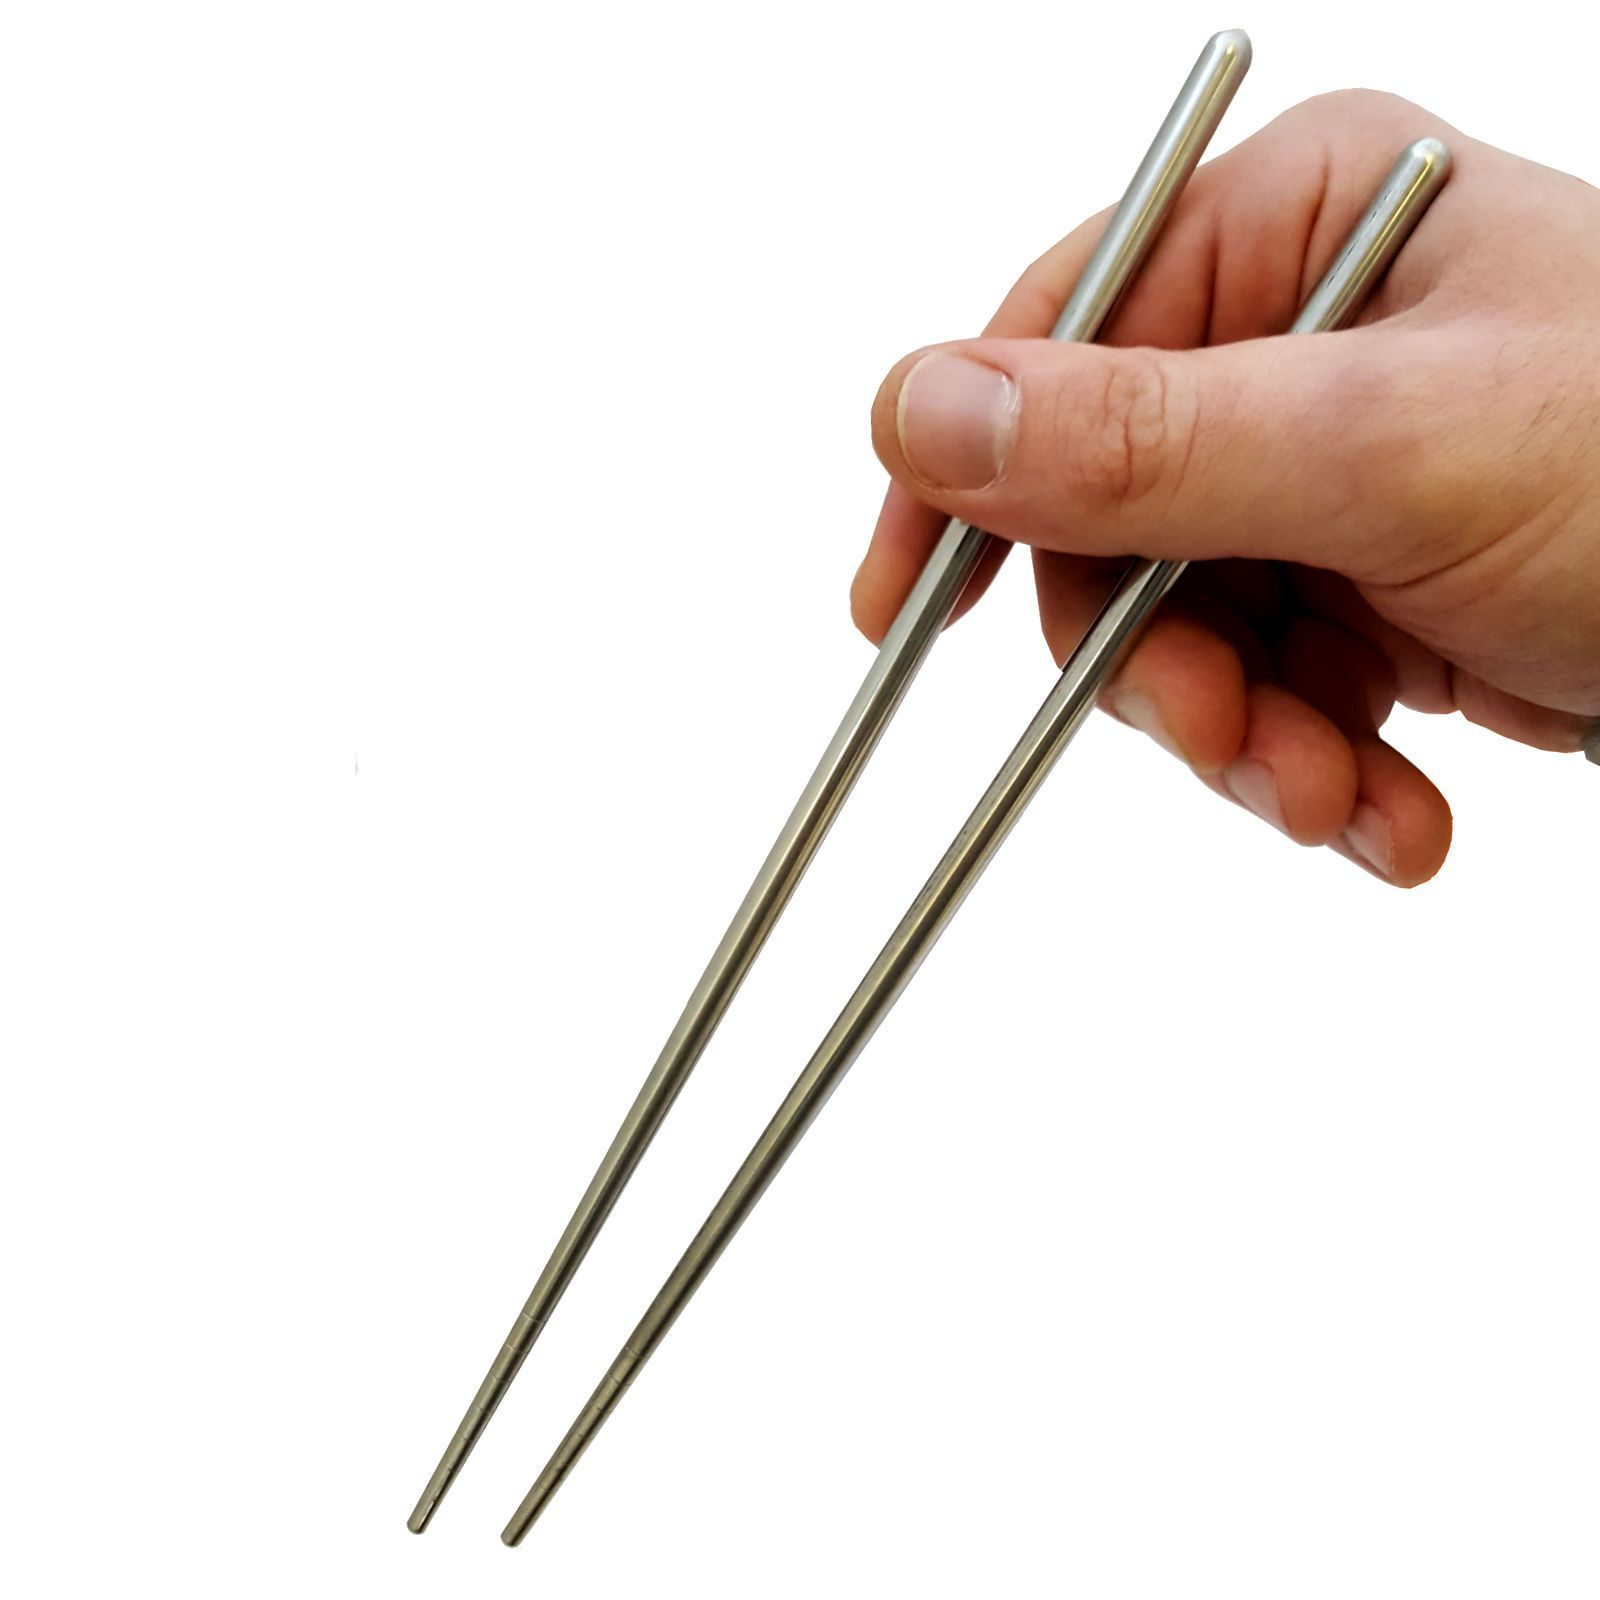 Hashi de  aço inox (Ref. 237) (Disponibilidade: Imediata)